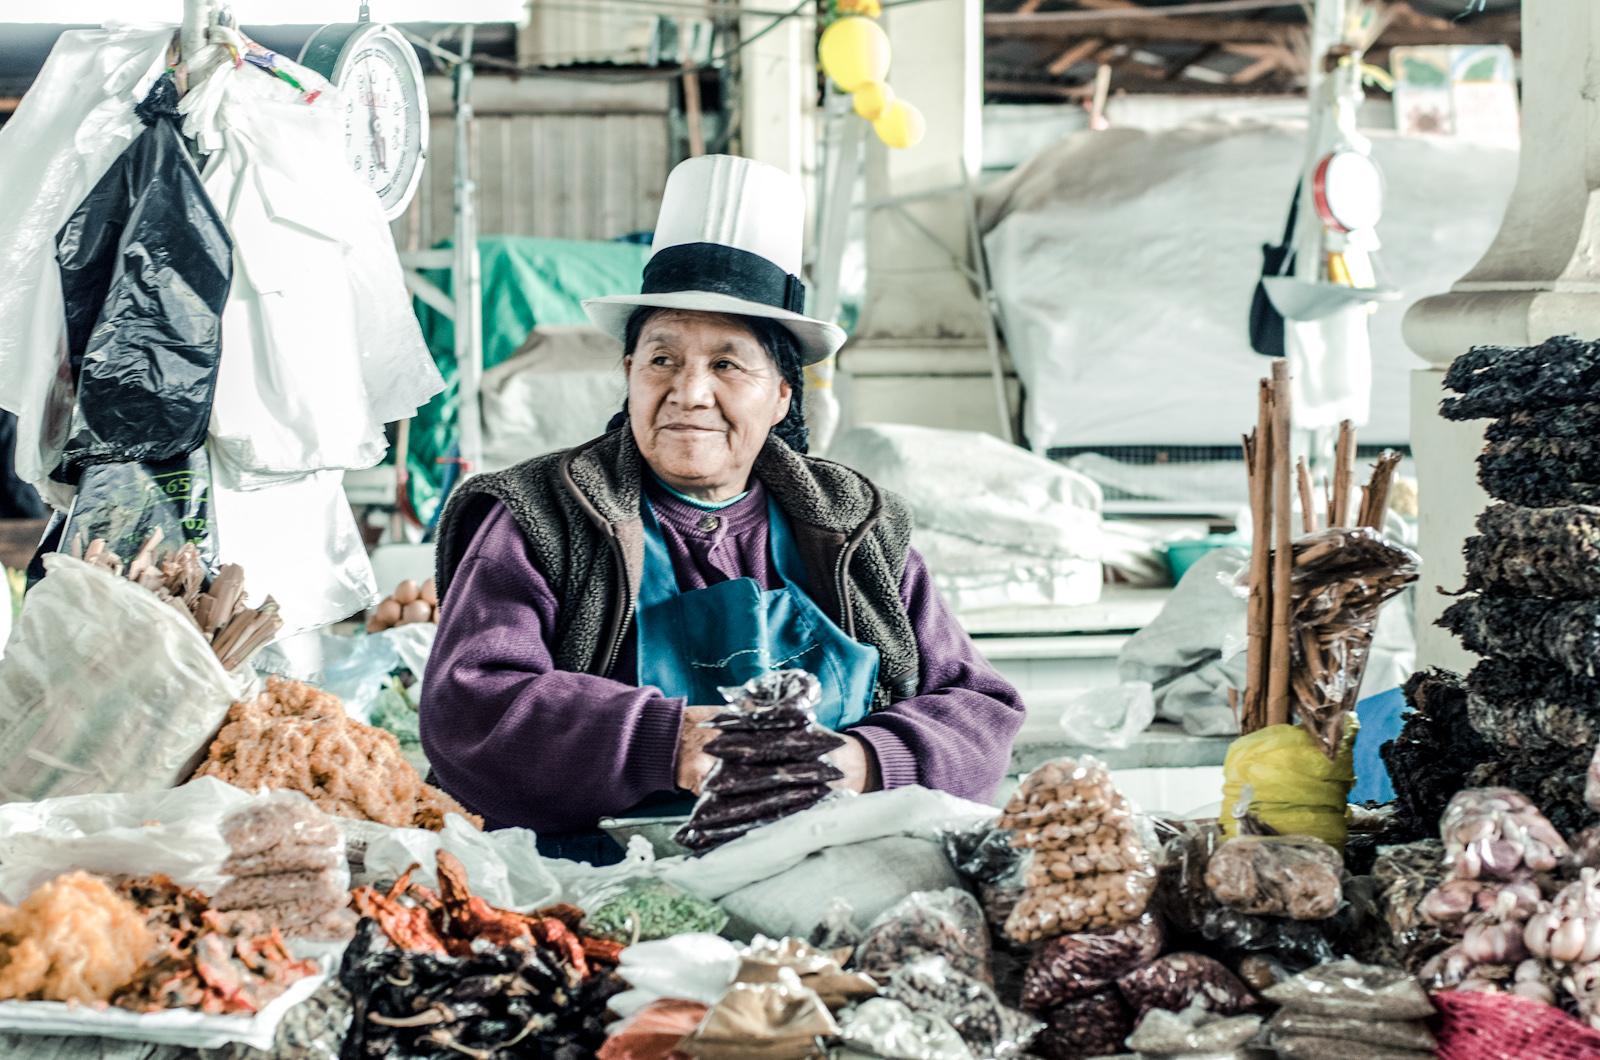 Mercado San Pedro Cuzco 4